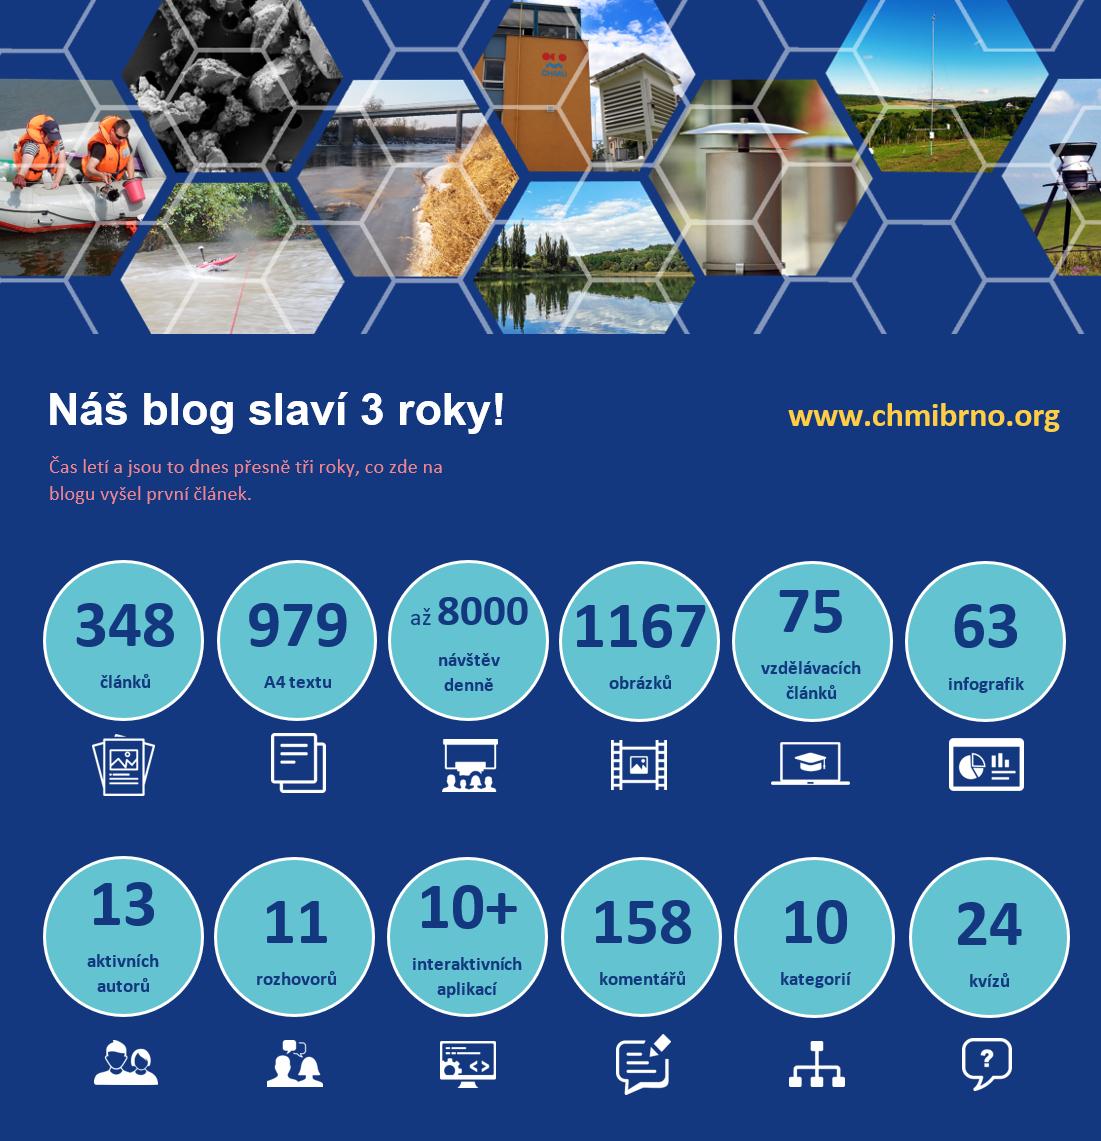 Blog ČHMÚ Brno slaví 3 roky4 min čtení